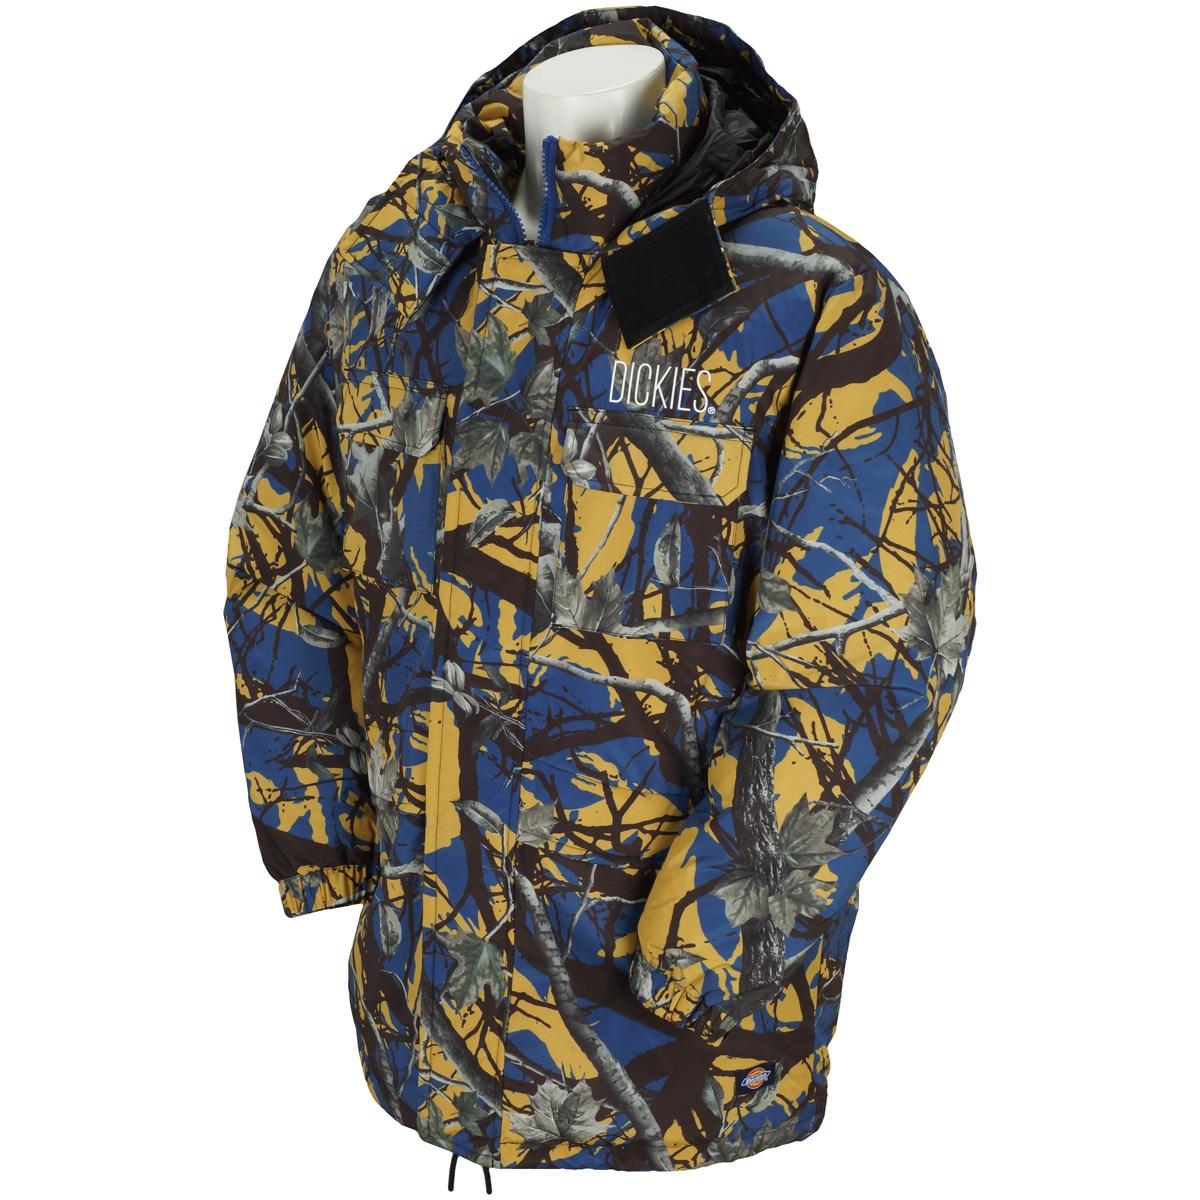 ディッキーズ ツリーカモ柄タスランナイロンプリントルーズフィットダウンN-3Bジャケット